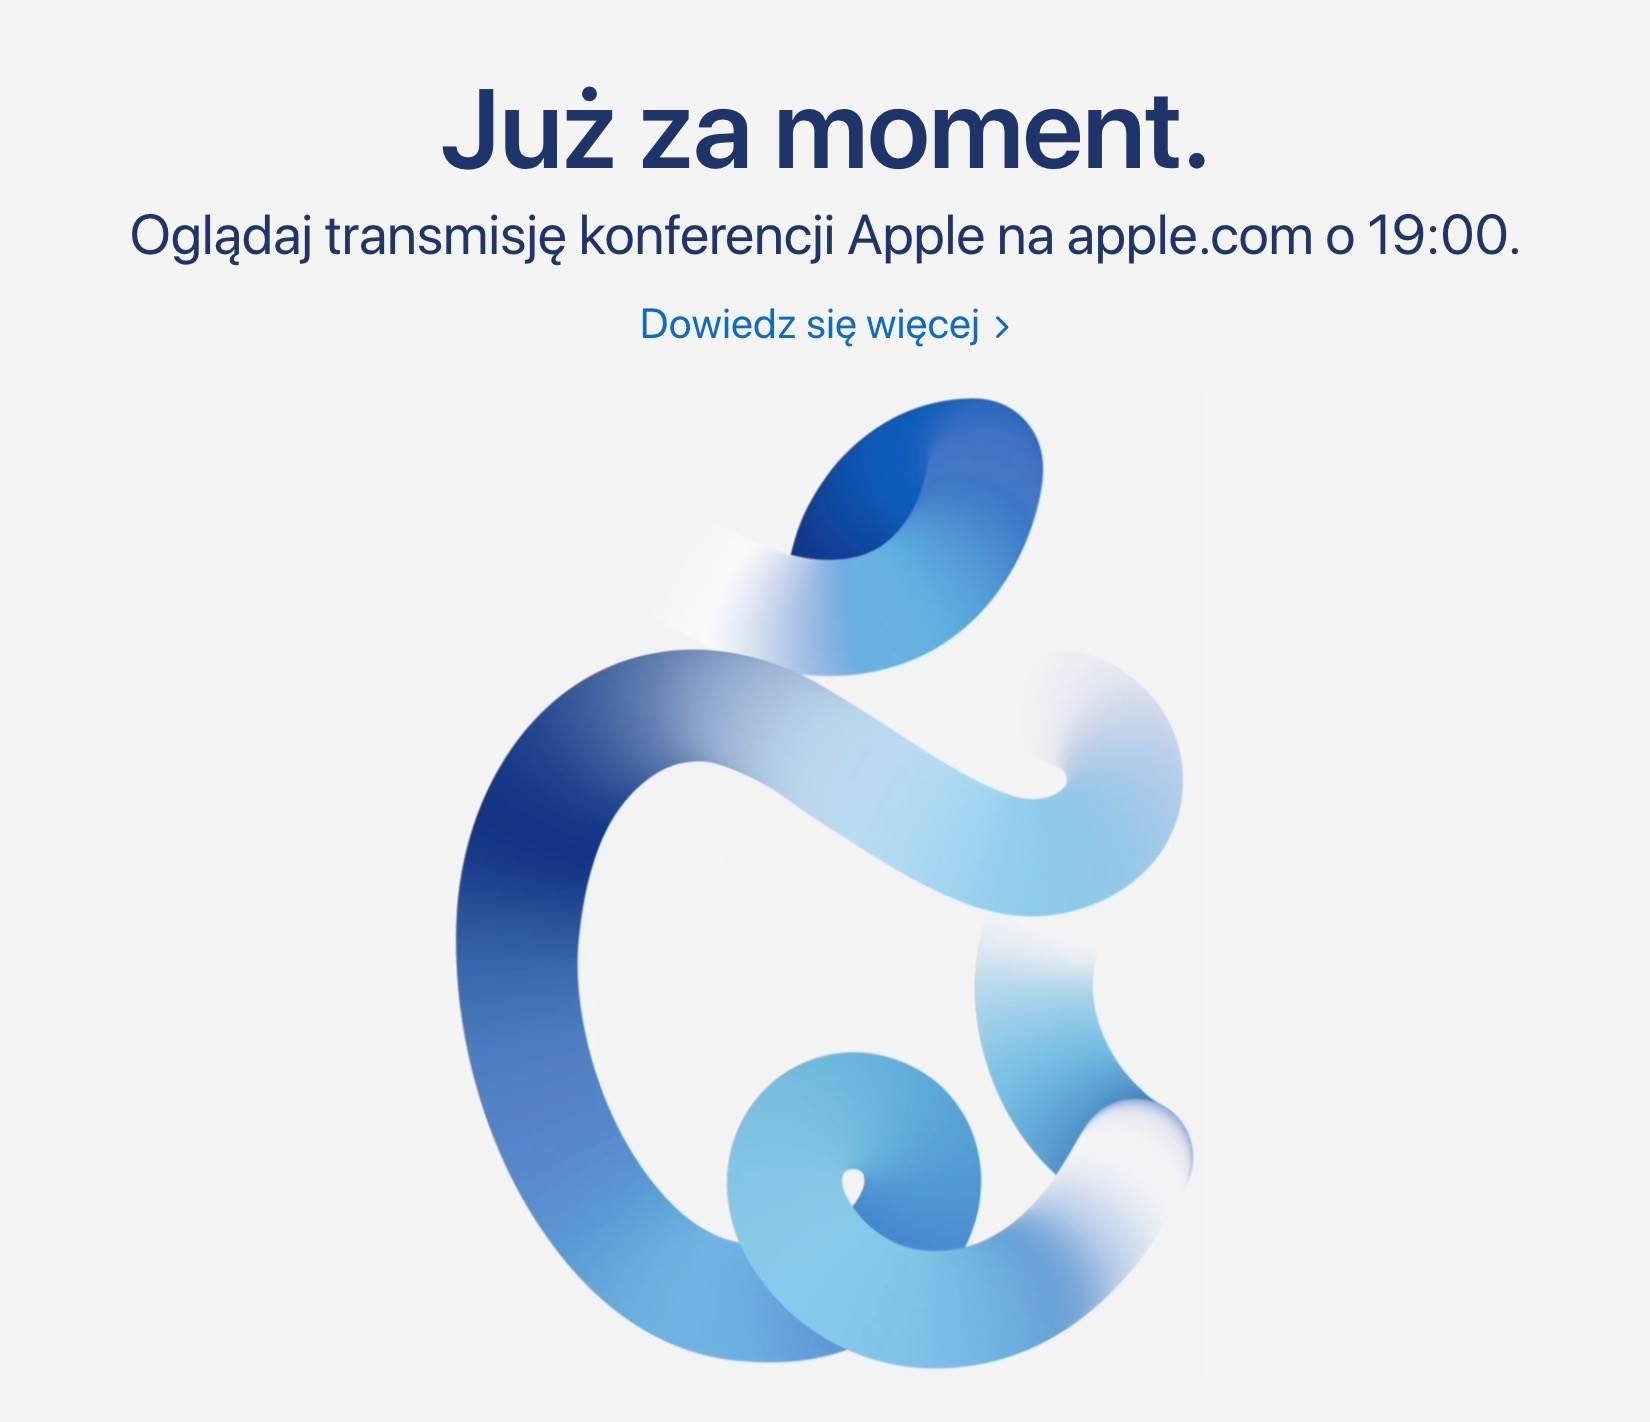 """Gdzie i jak oglądać dzisiejszą konferencję Apple """"Time Flies"""" polecane, ciekawostki wrzesniowa konferencja Apple, Wideo, Time Flies, przekaz na zywo, prezentacja na zywo, prezentacja iPad Air, prezentacja Apple 2020, na zywo, livestream time flies, Live, konferencja Time flies, iPhone 12, iPad Air 4 2020, gdzie ogladac dzisiejsza prezentacje Apple, gdzie ogladac, dzisiejsza prezentacja Apple na żywo, Apple Watch Series 6, Apple  Już dziś wieczorem po godzinie 19 rozpocznie się na pewno przez wszystkich długo wyczekiwana konferencja Apple, na której zaprezentowane zostaną między innymi nowe iPady i Apple Watch. 1@2x 38"""